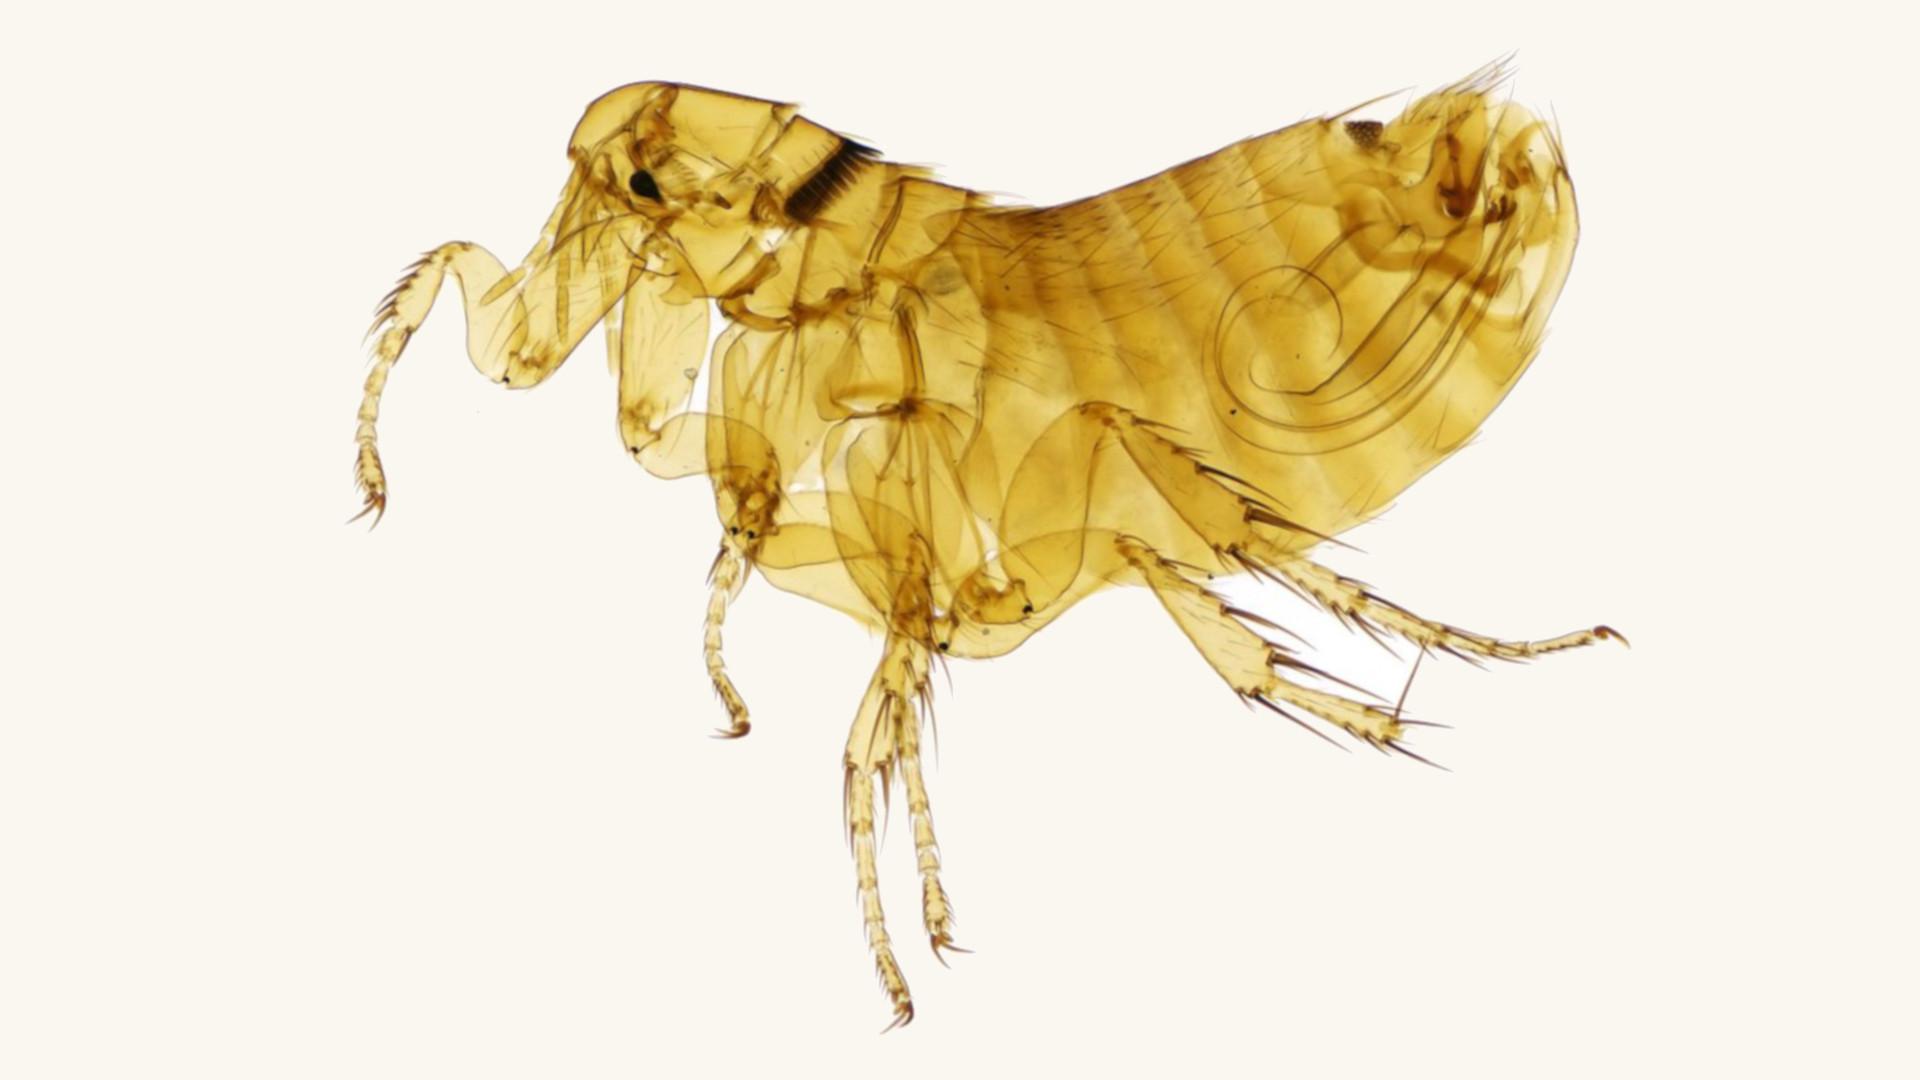 manx shearwater flea